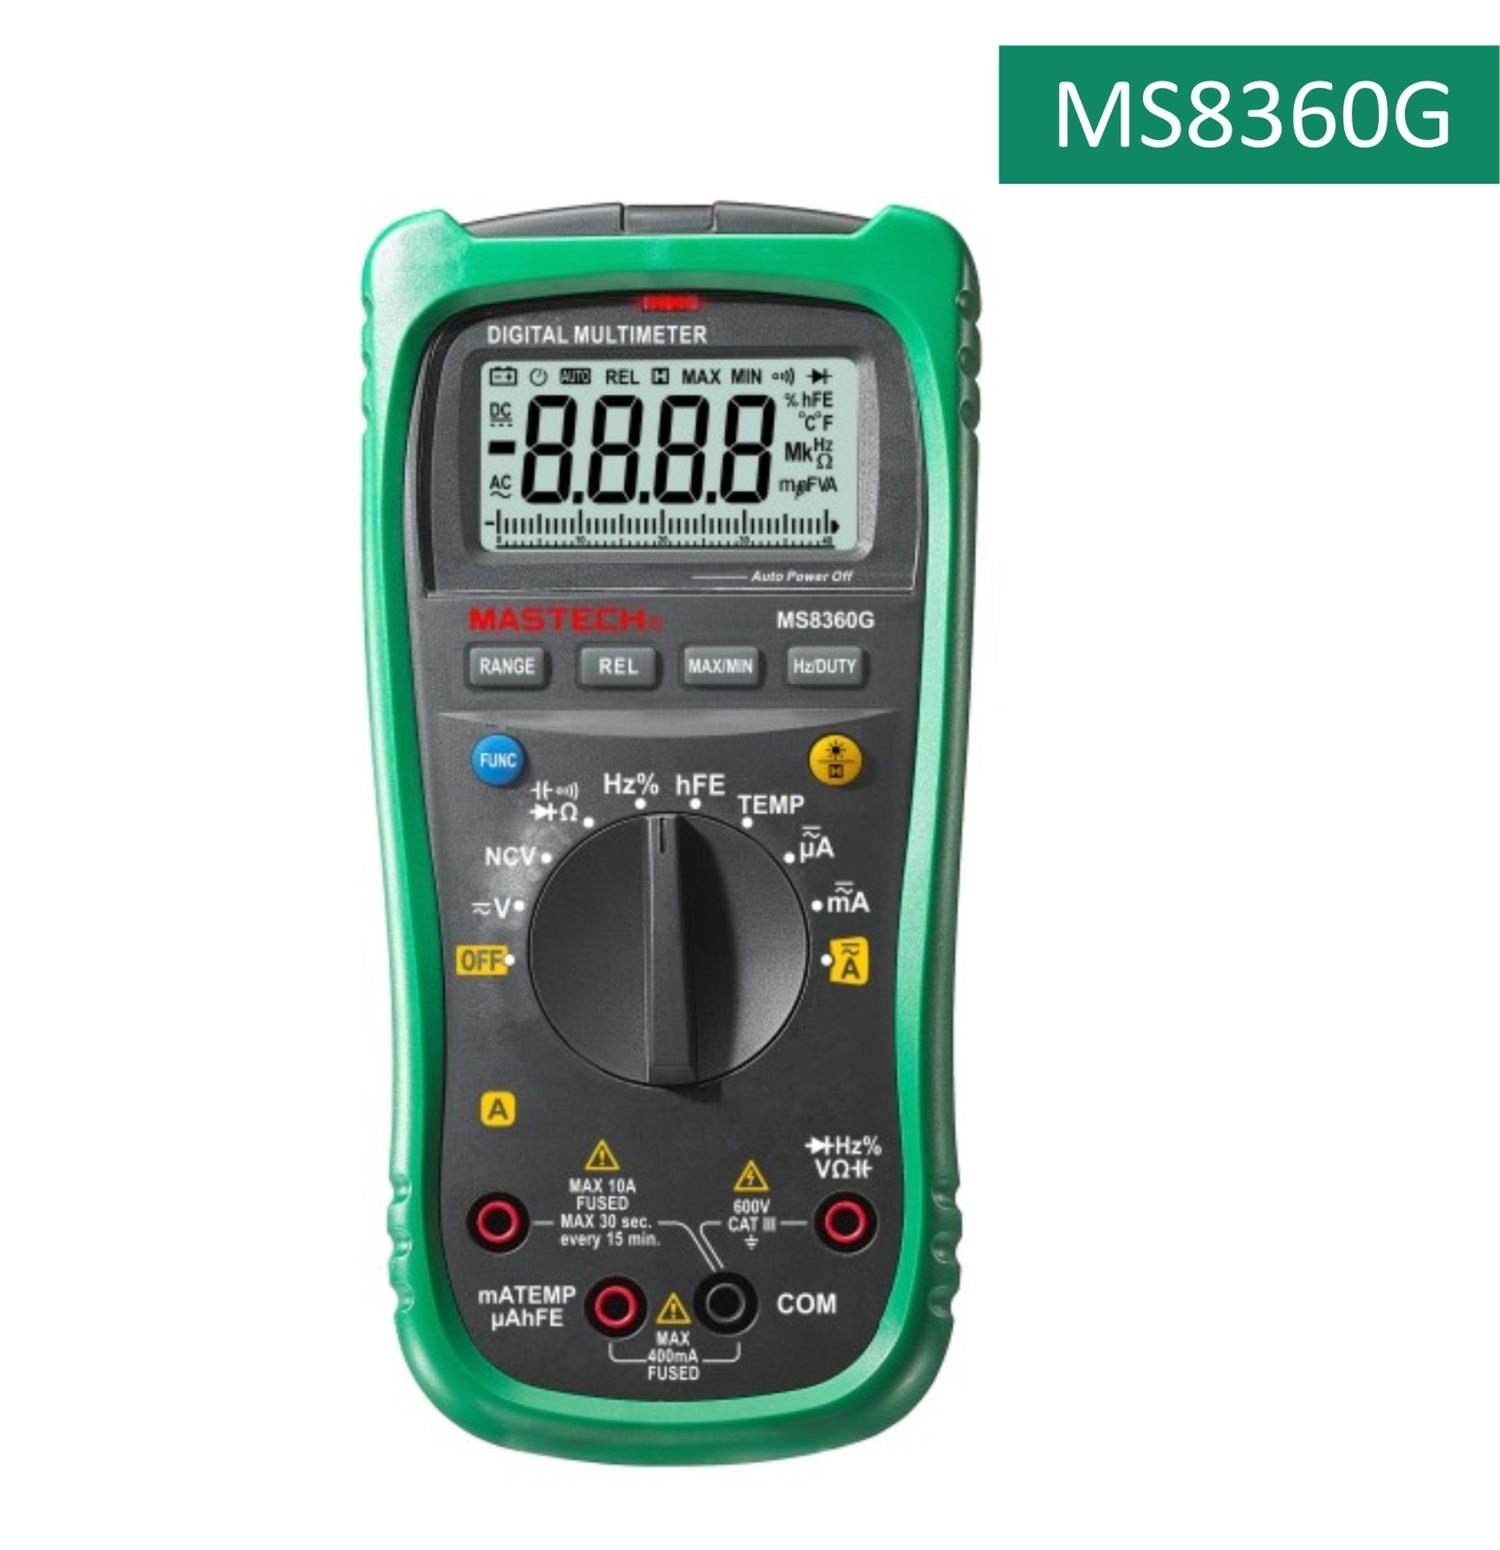 MS 8360G